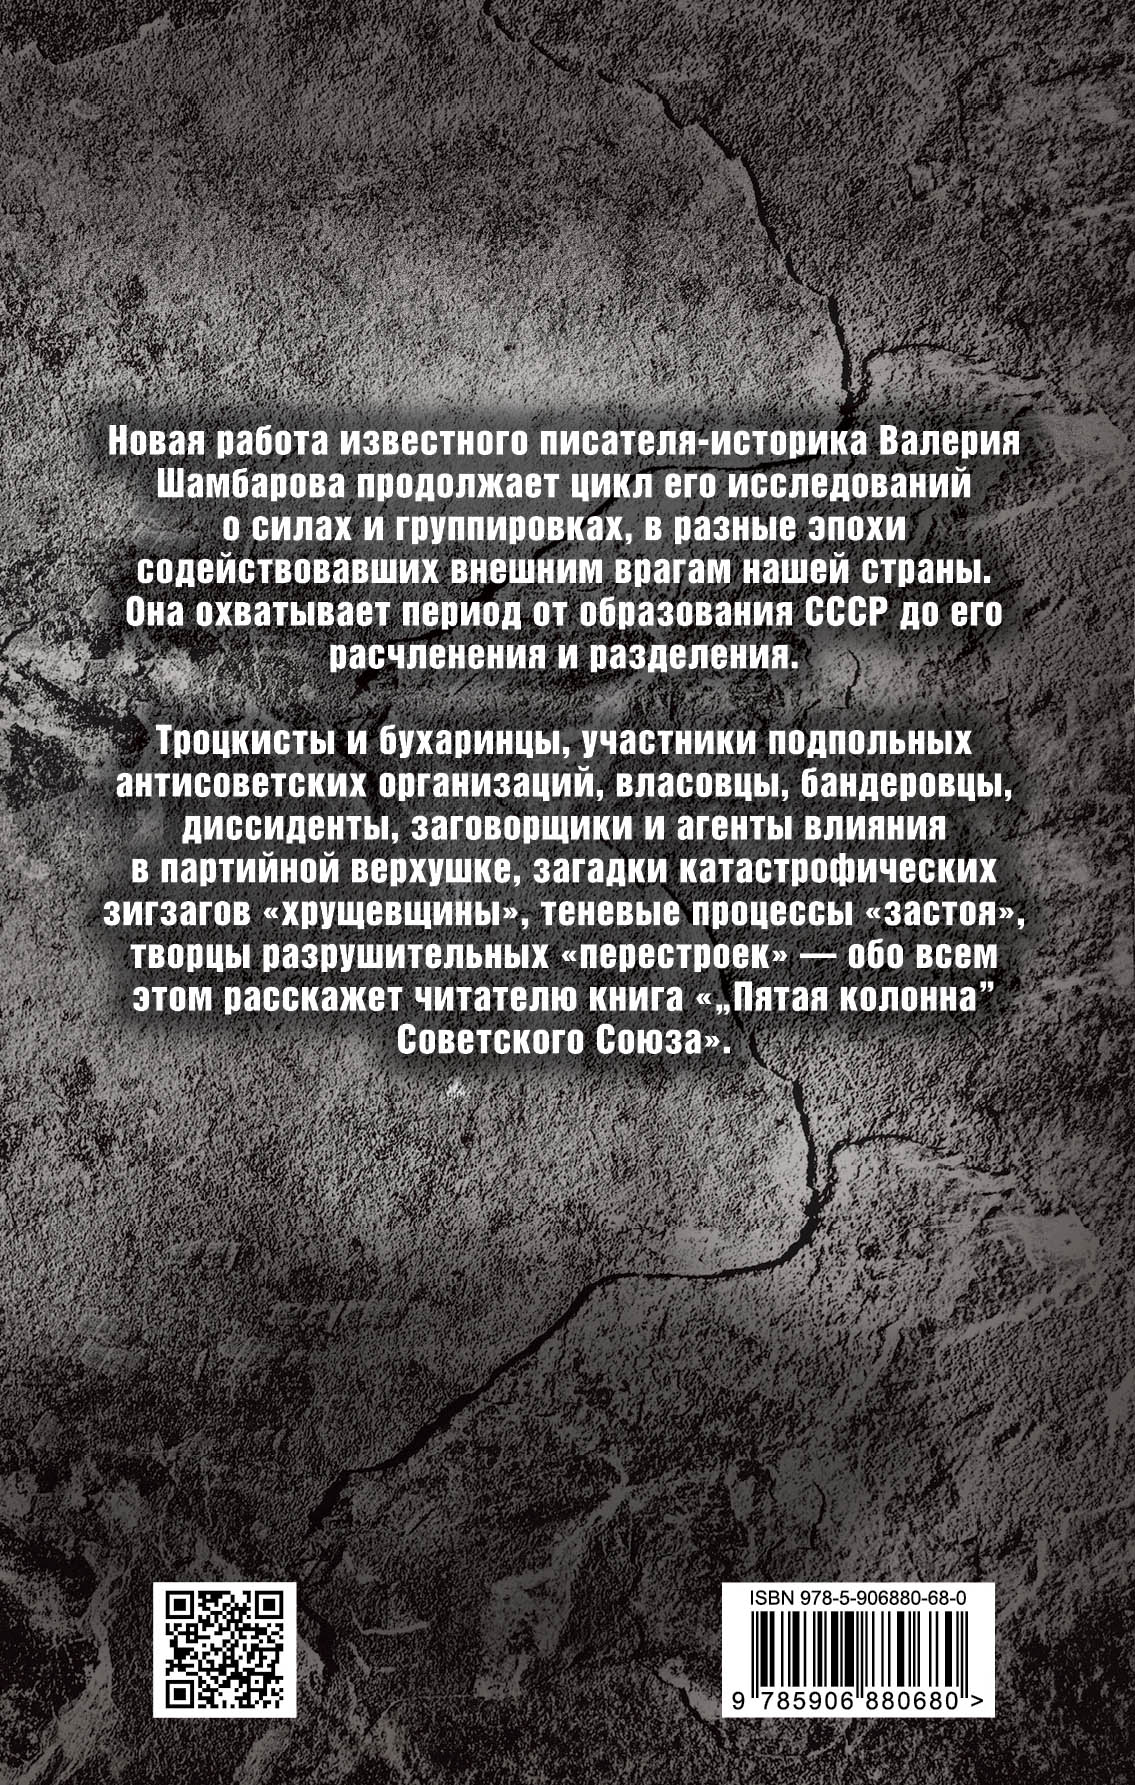 скачать шамбаров 5колона совецкого союза